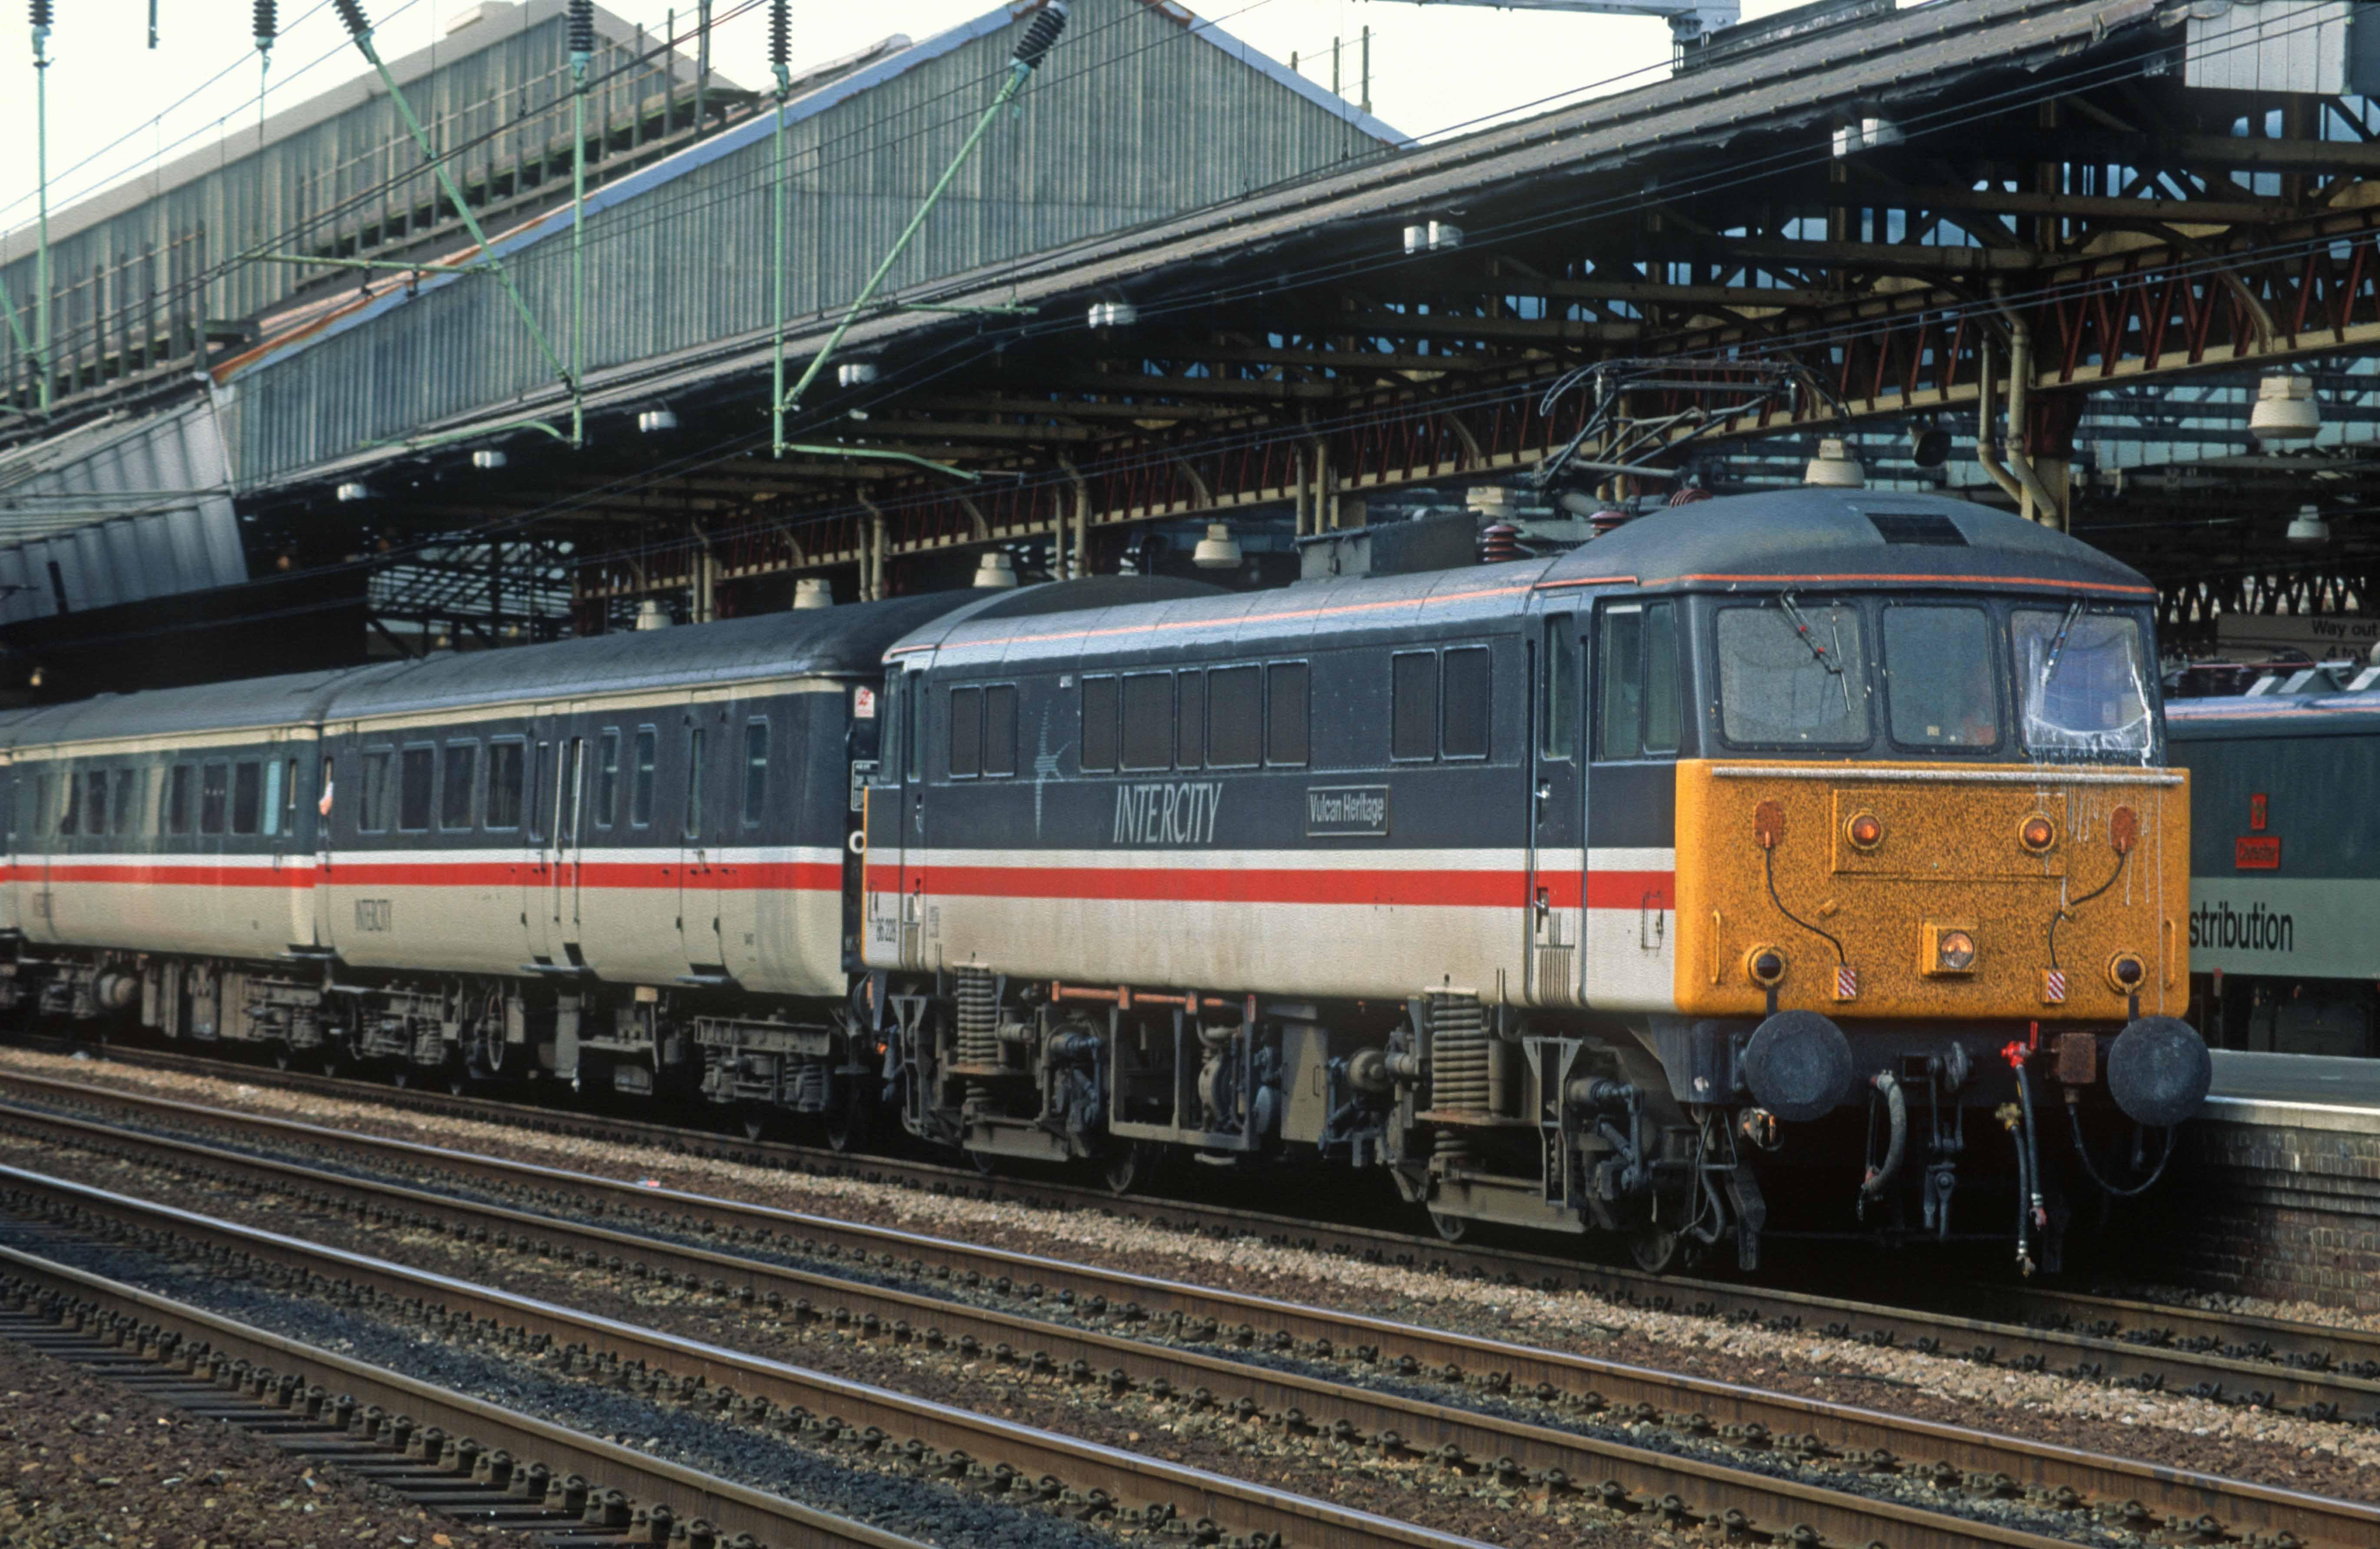 04161. 86228. Crewe. 21.08.1994crop